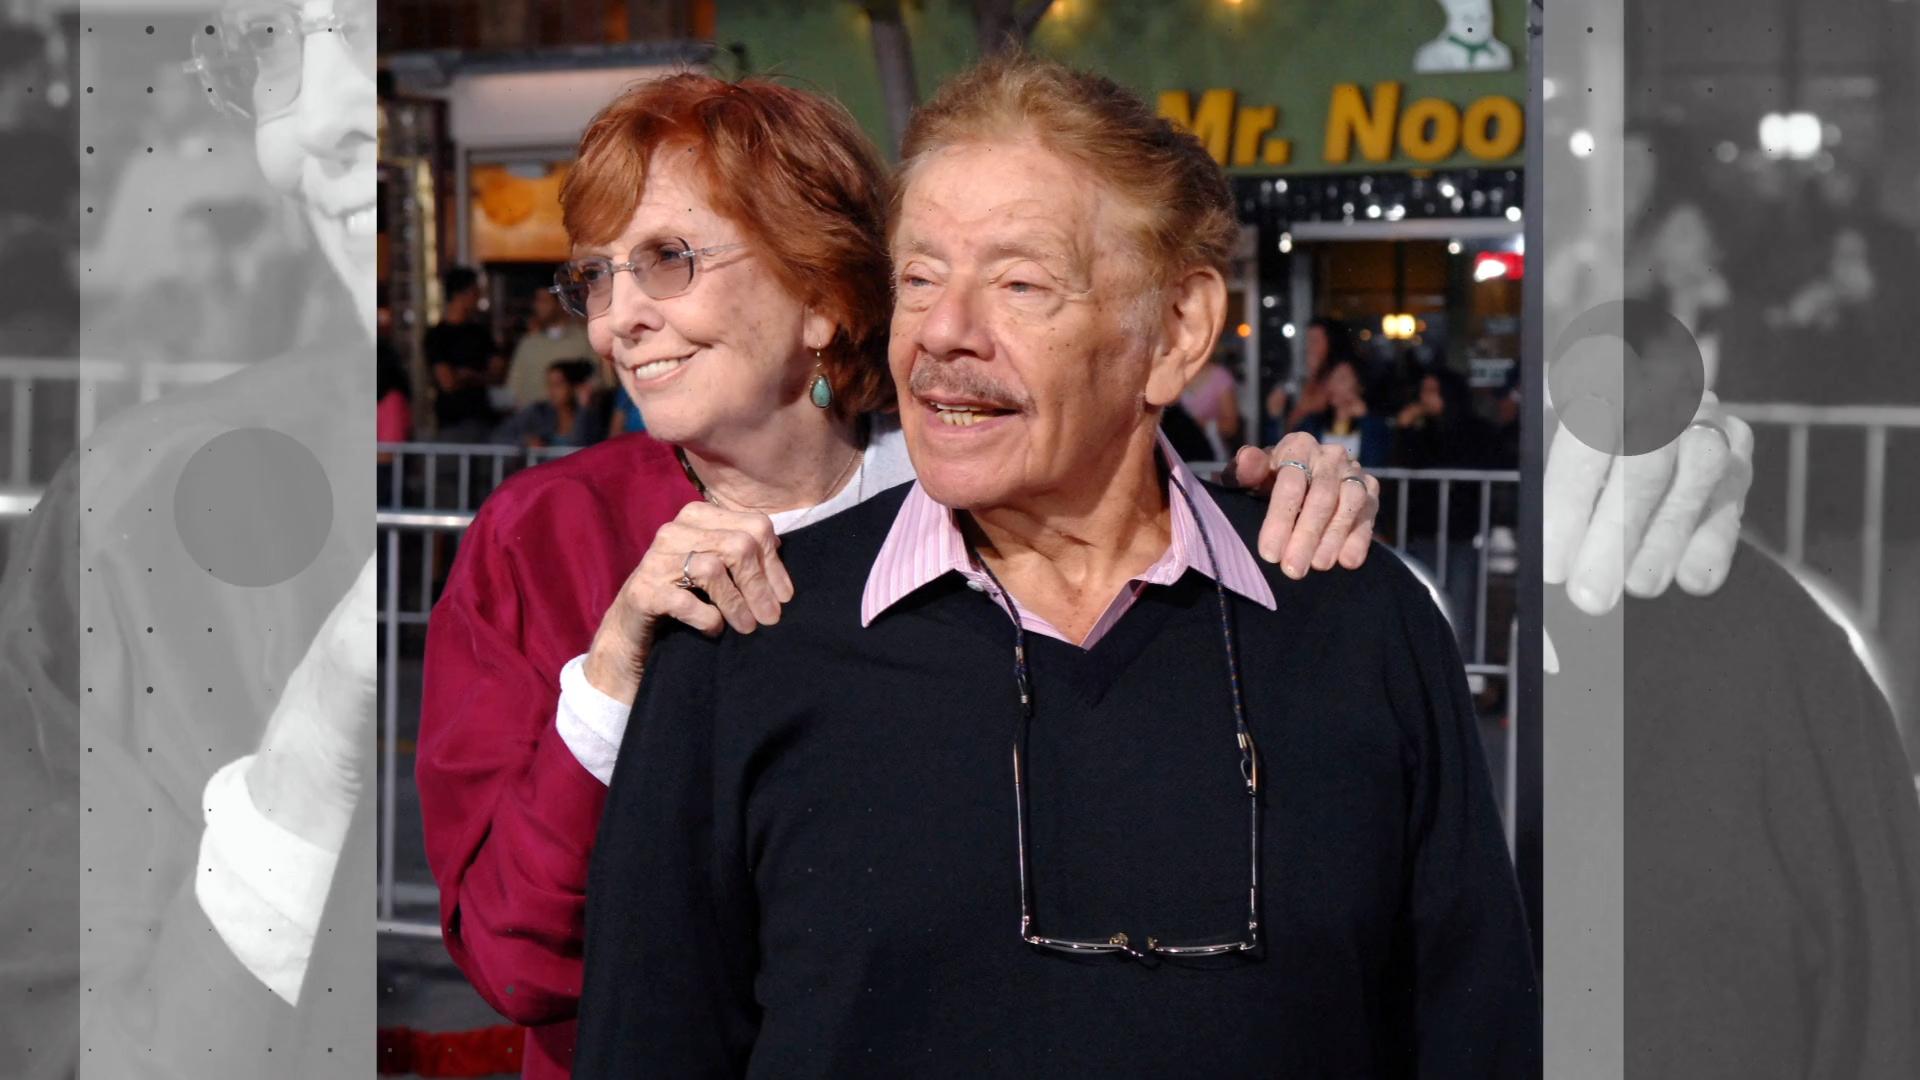 Jerry Stiller ist tot. Das bestätigt sein Sohn Ben am Montag auf Twitter. Jerry Stiller war der Vater von Ben Stiller und ebenso wie sein Sohn ein berühmter Schauspieler. #jerryStiller #kingofqueens #schauspiellegende #schauspielerverstorben